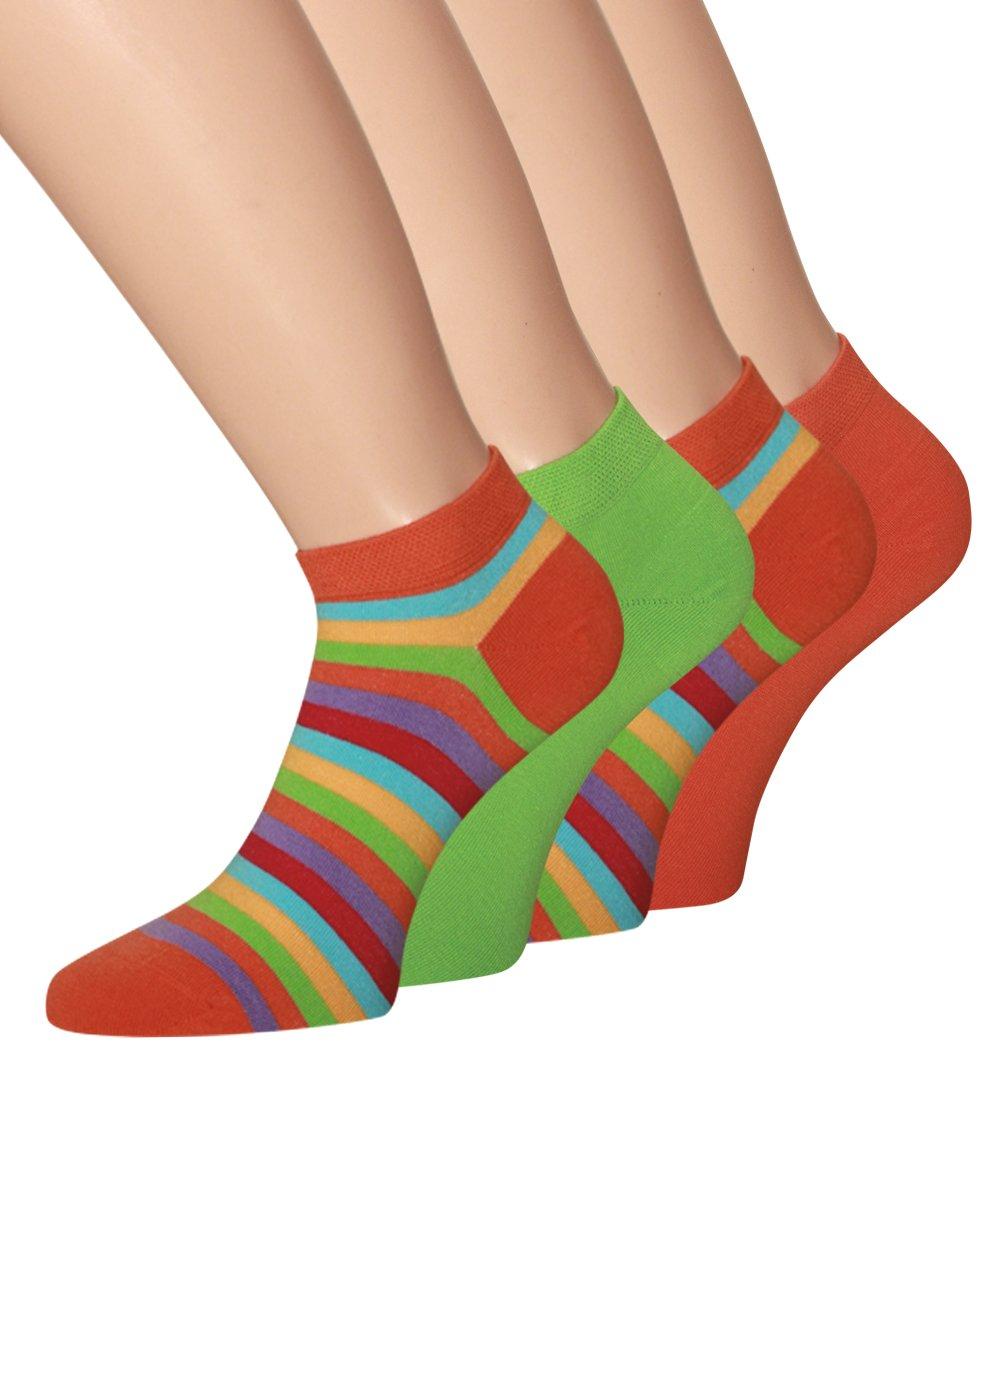 4 Paar Sneakersocken Damen Neon Farben laufsocken Damen mit Komfortbund ohne Naht